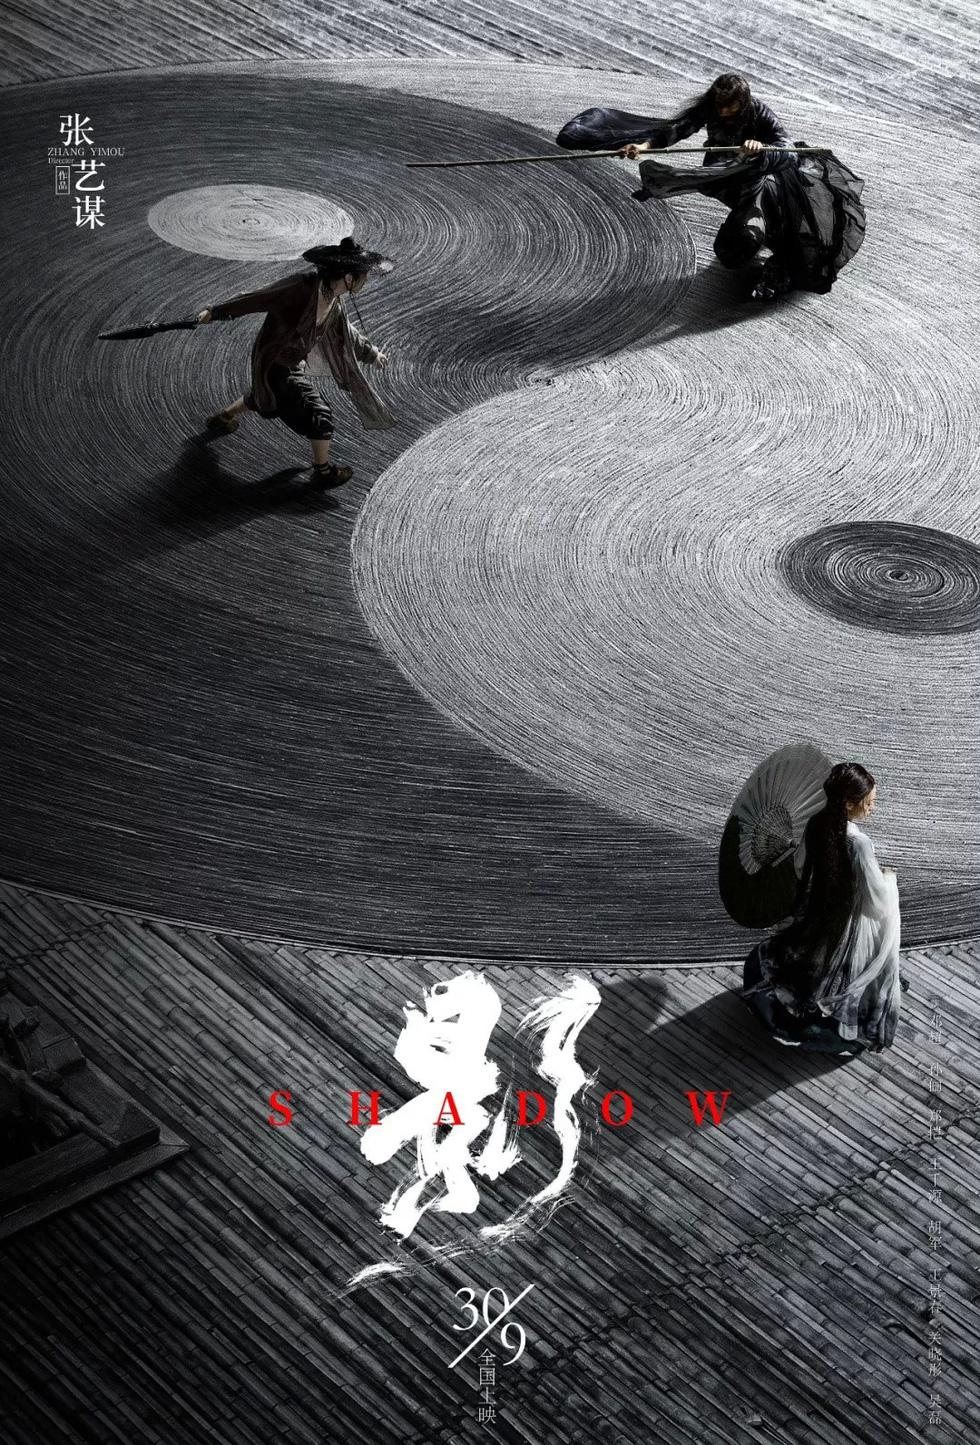 Hong Kong - Hollywood phương Đông tàn phai sau 40 năm? - Ảnh 8.